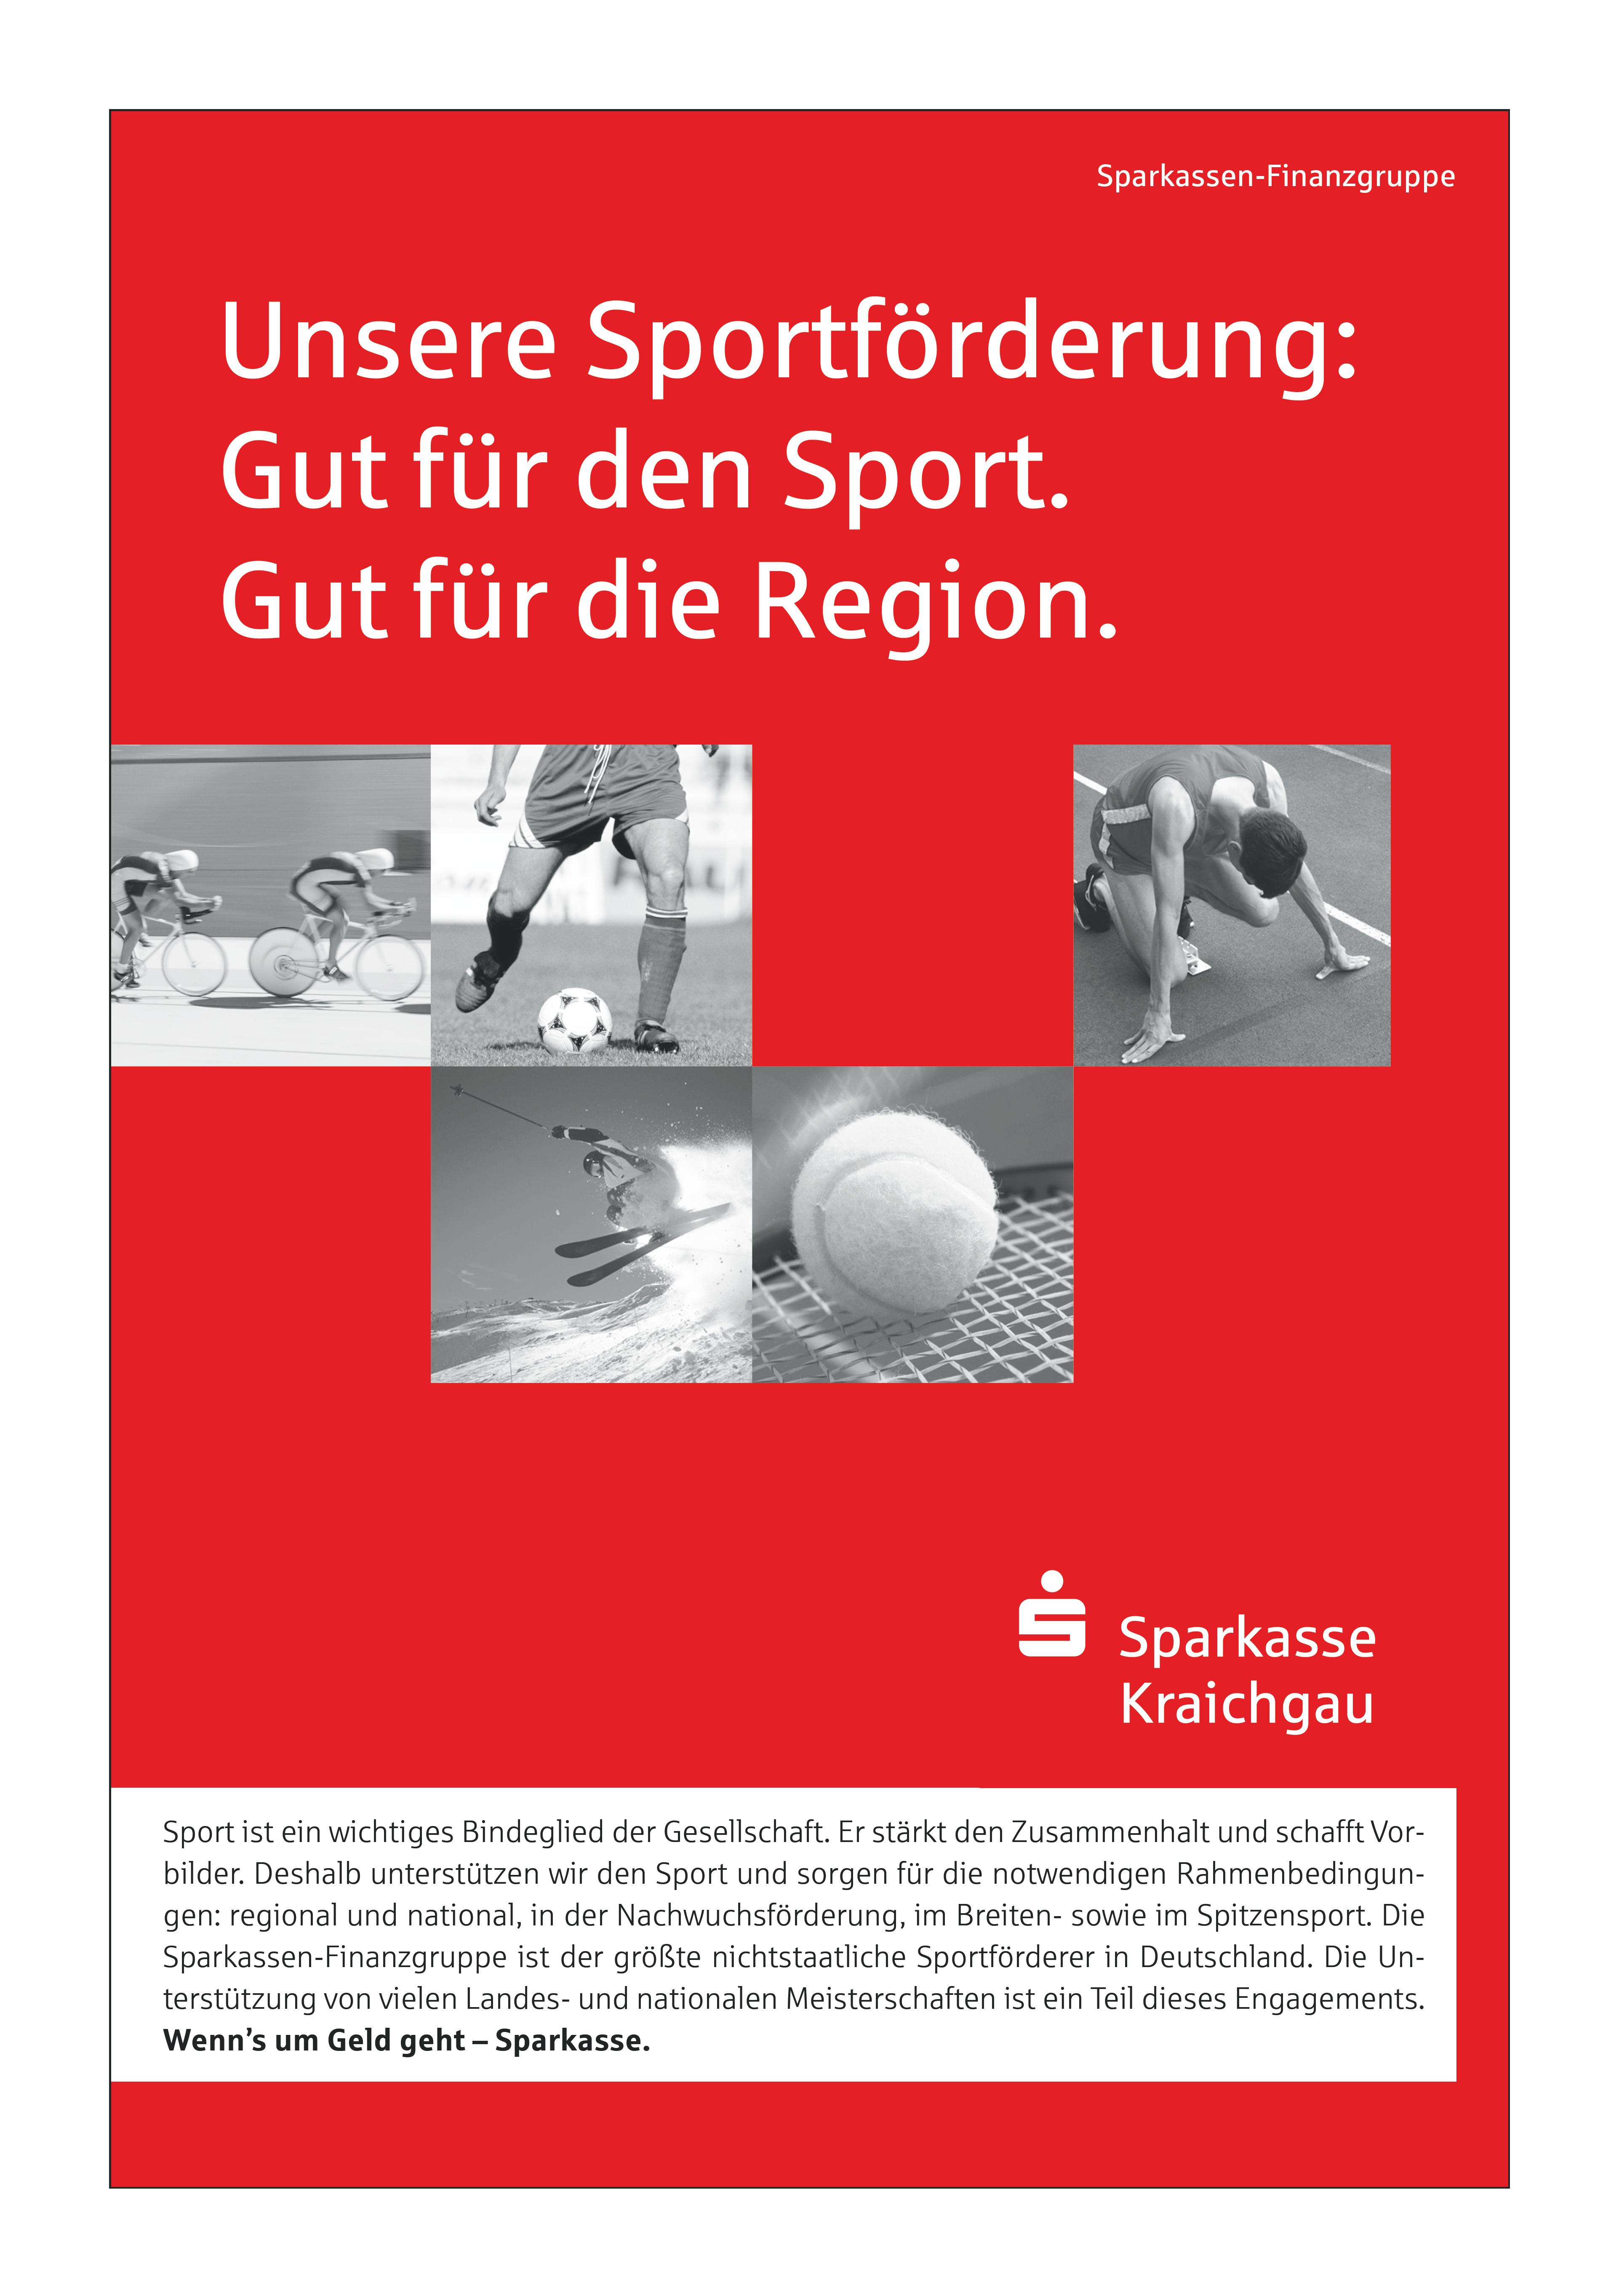 Sparkasse Kraichgau MS01_Sport_148x210-10mm_4c